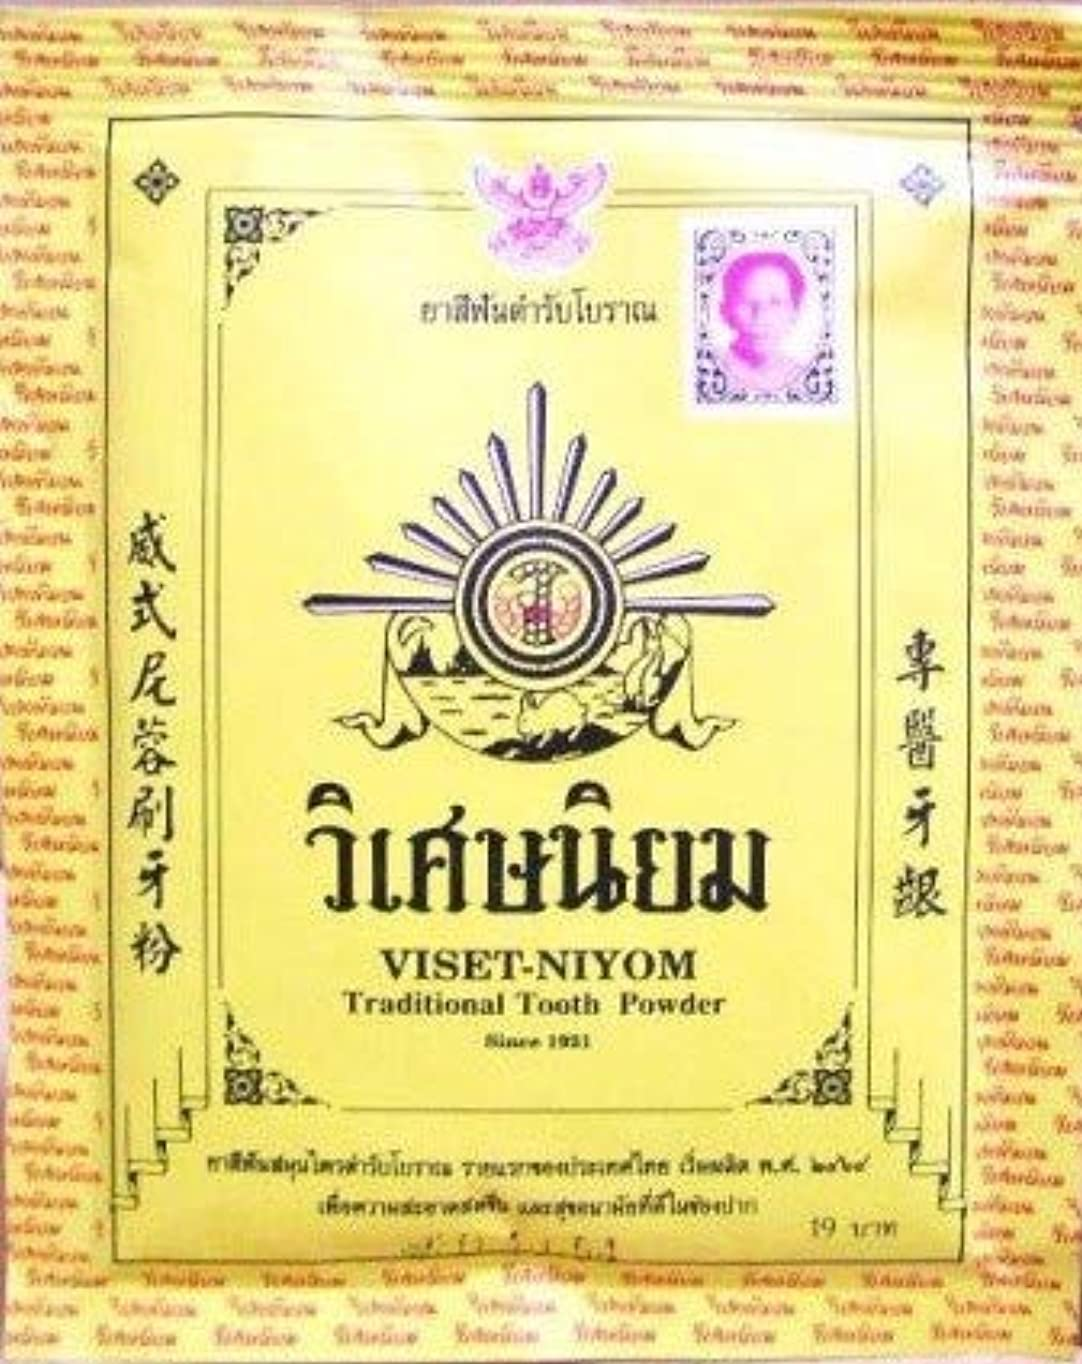 市の中心部医薬効率Ni Yom Thai shop Viset Niyom Thailand Traditional Herbal Toothpaste Powder Reduce Plaque 40g pack of 3